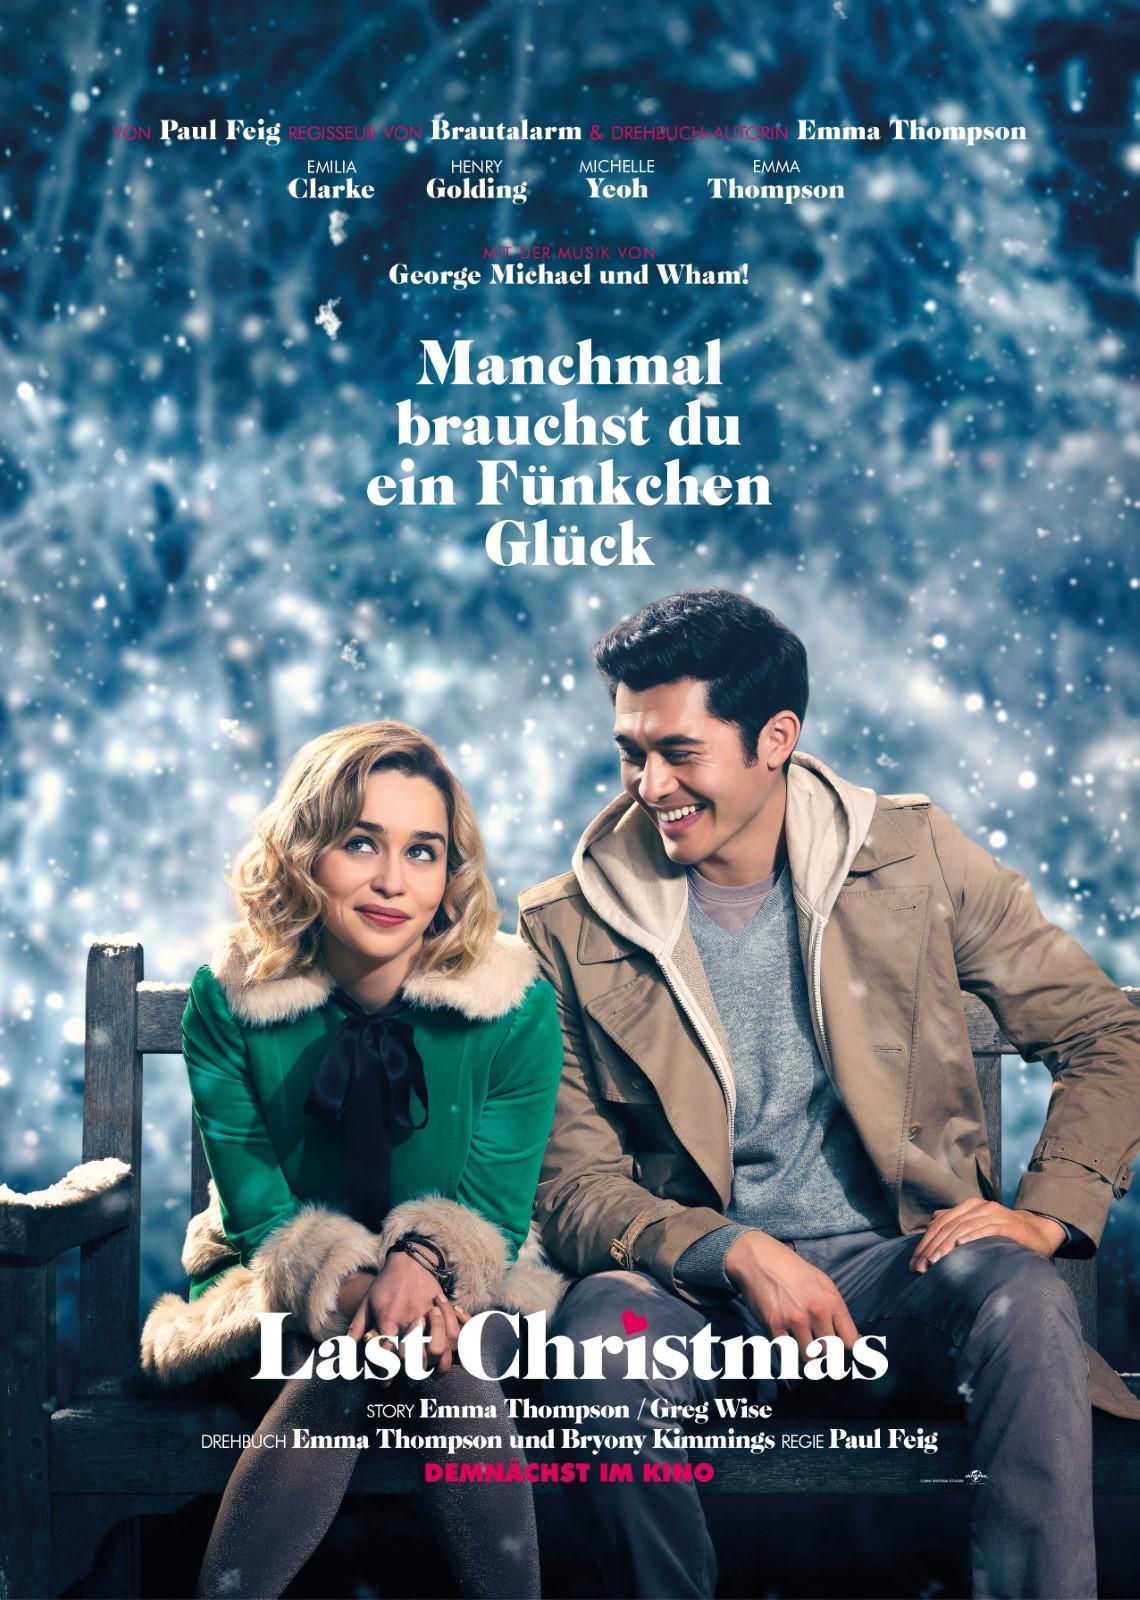 Last Christmas Film 2019 Filmstarts De